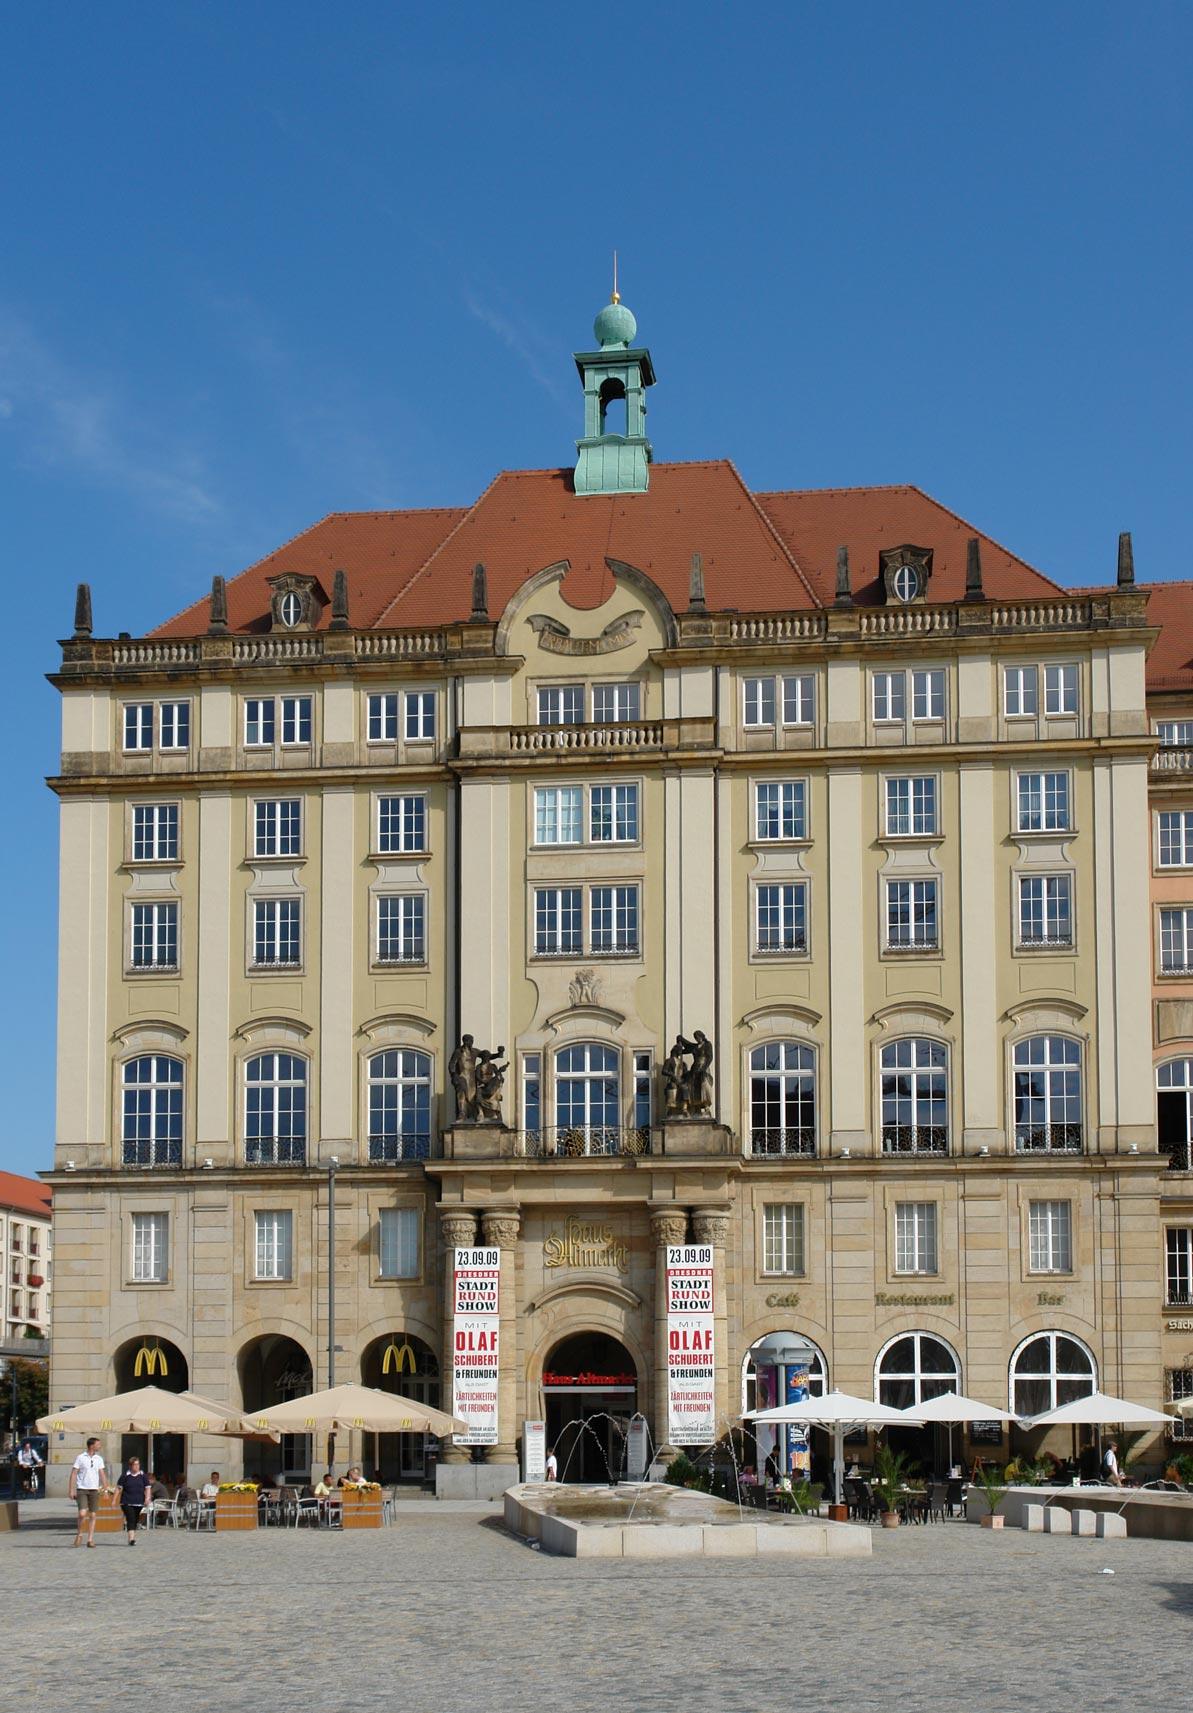 Architektur in dresden - Dresden architektur ...